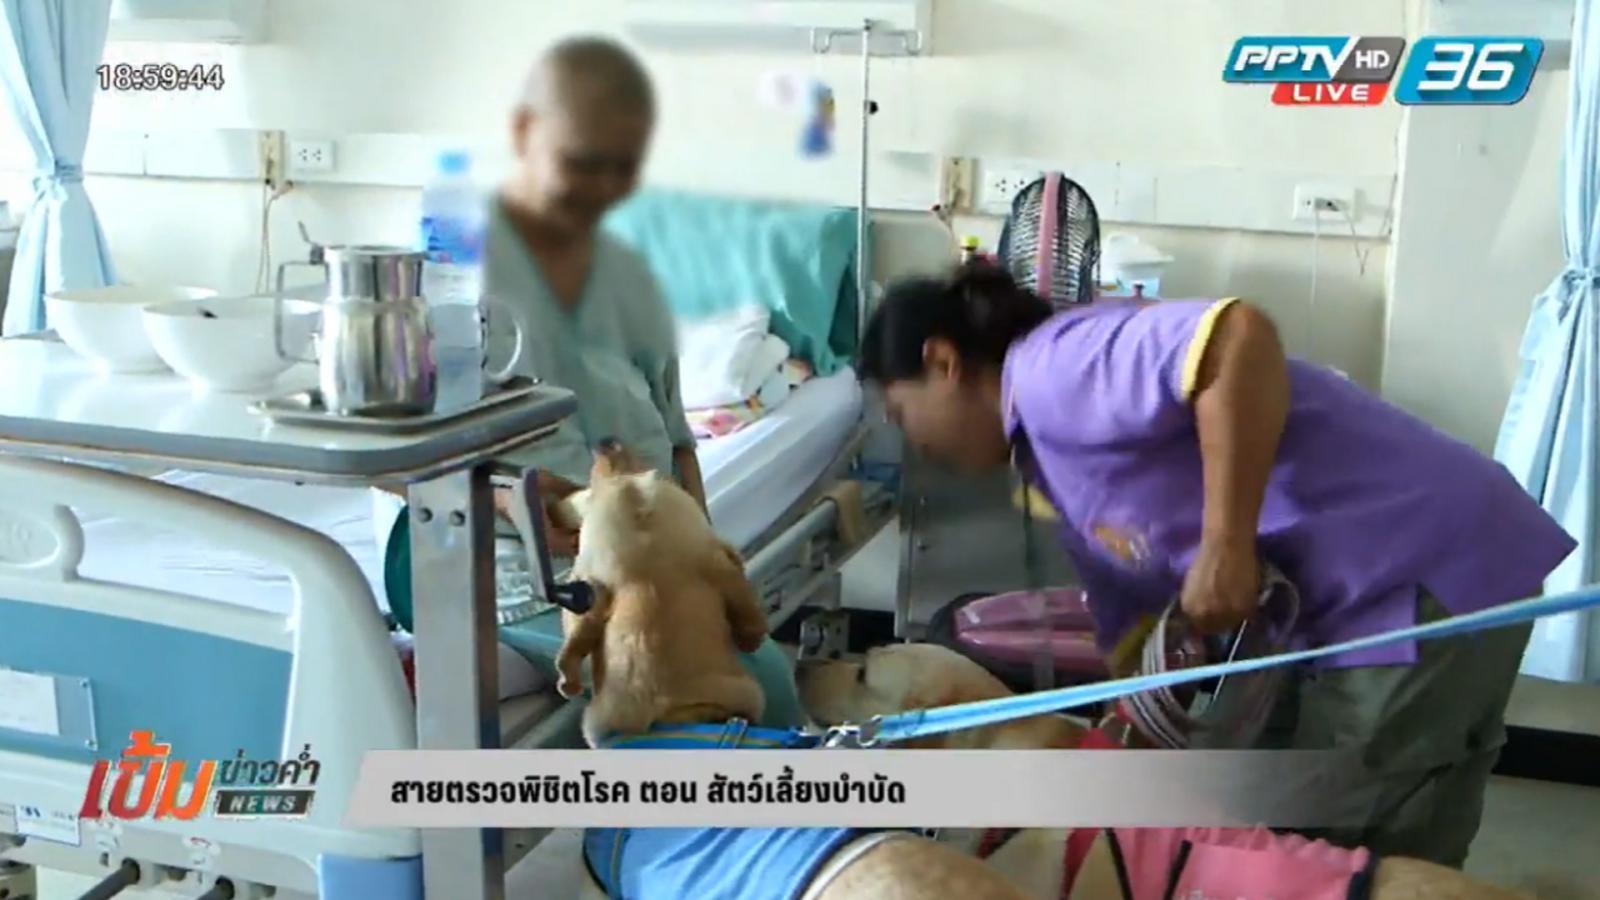 สายตรวจพิชิตโรค ตอน สัตว์เลี้ยงบำบัด